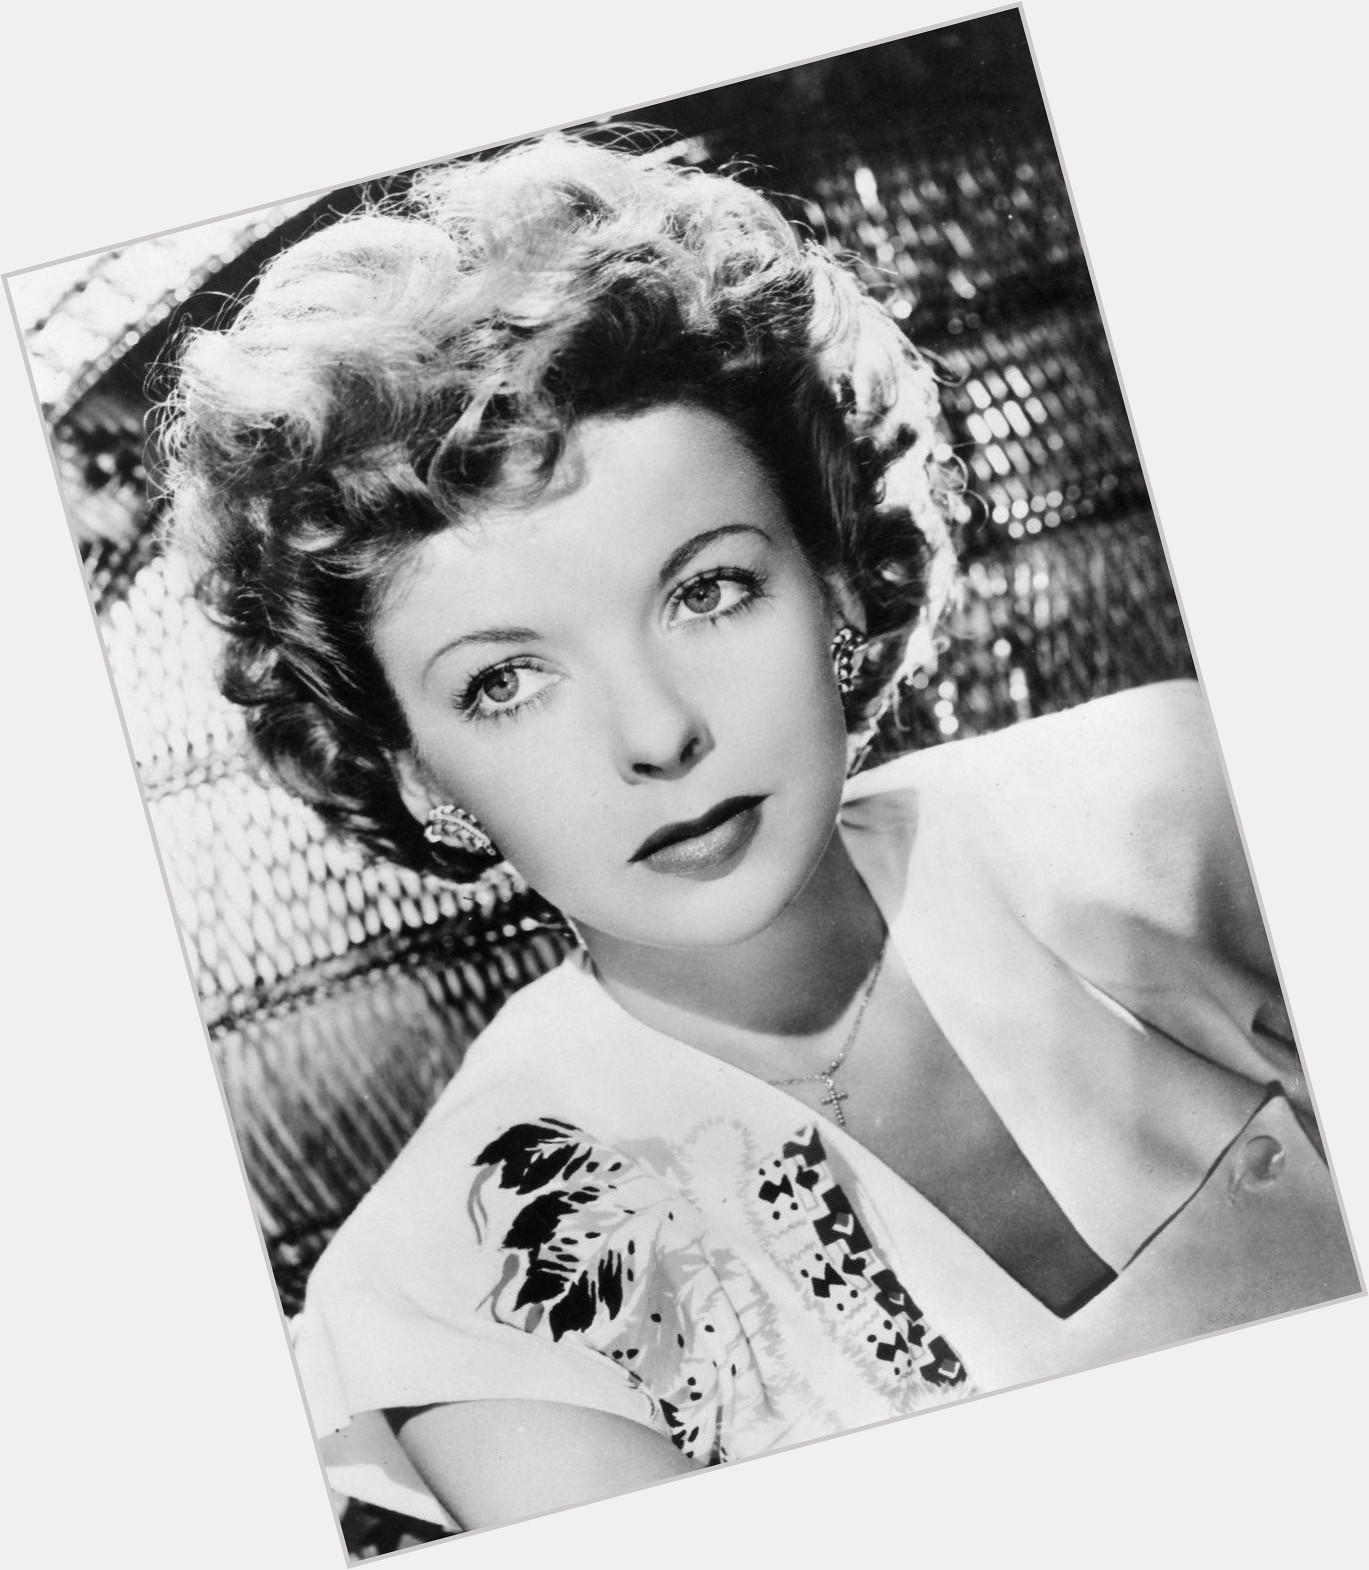 Connie Emerald